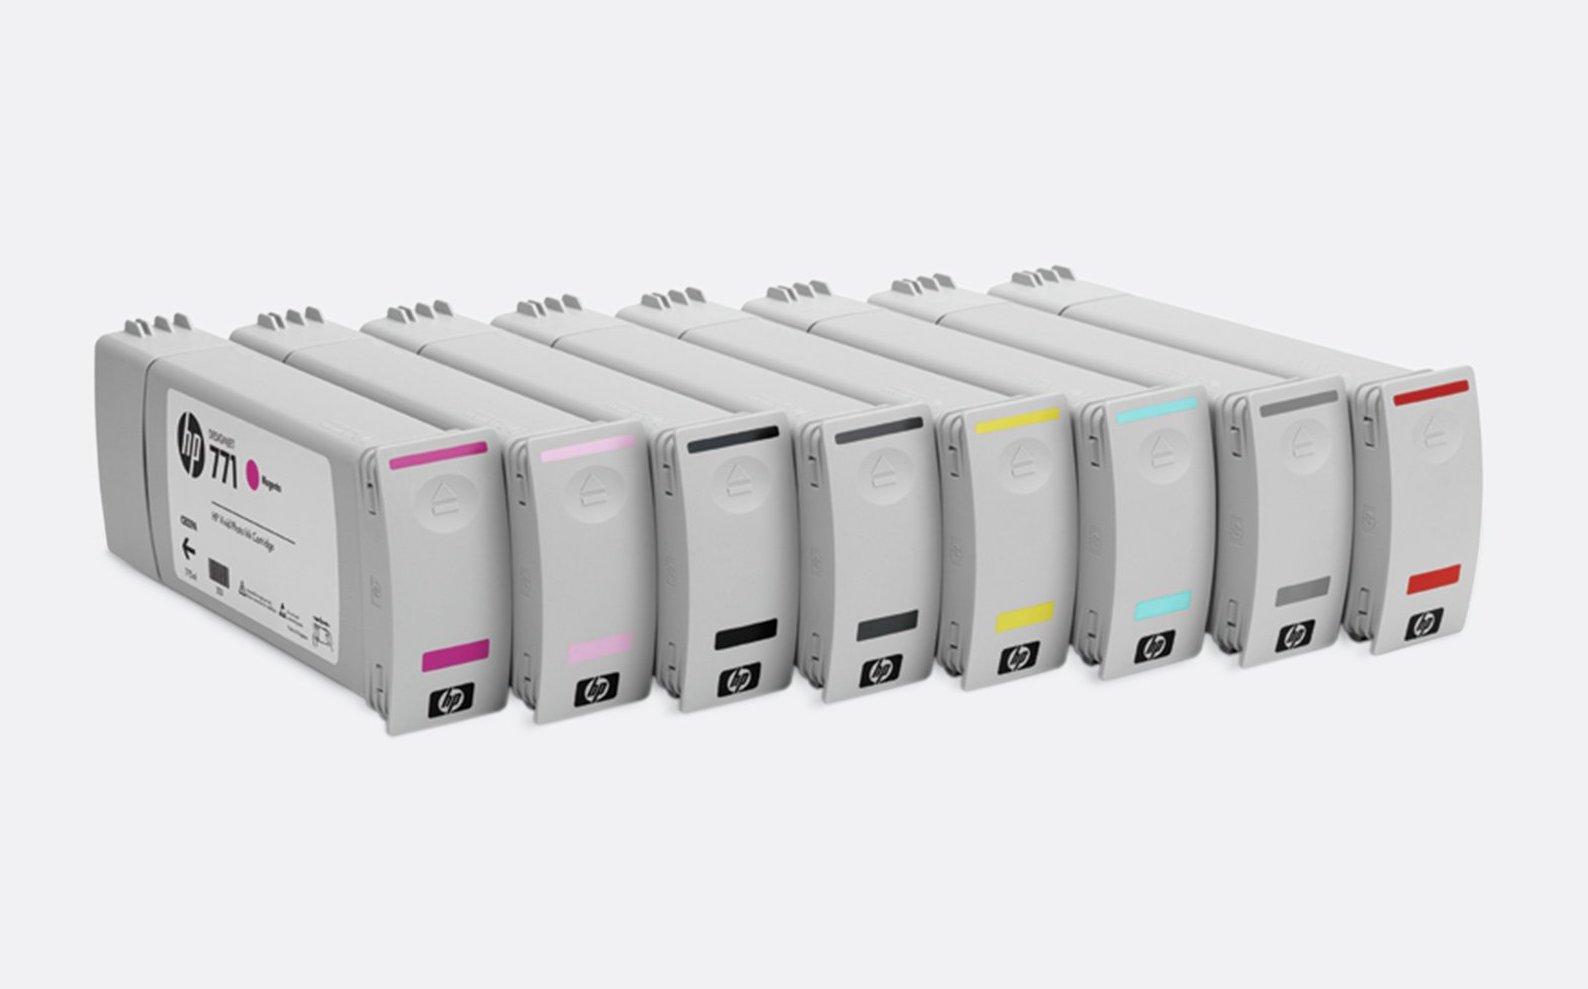 Cartuchos de Tinta HP 771 da HP Z6200